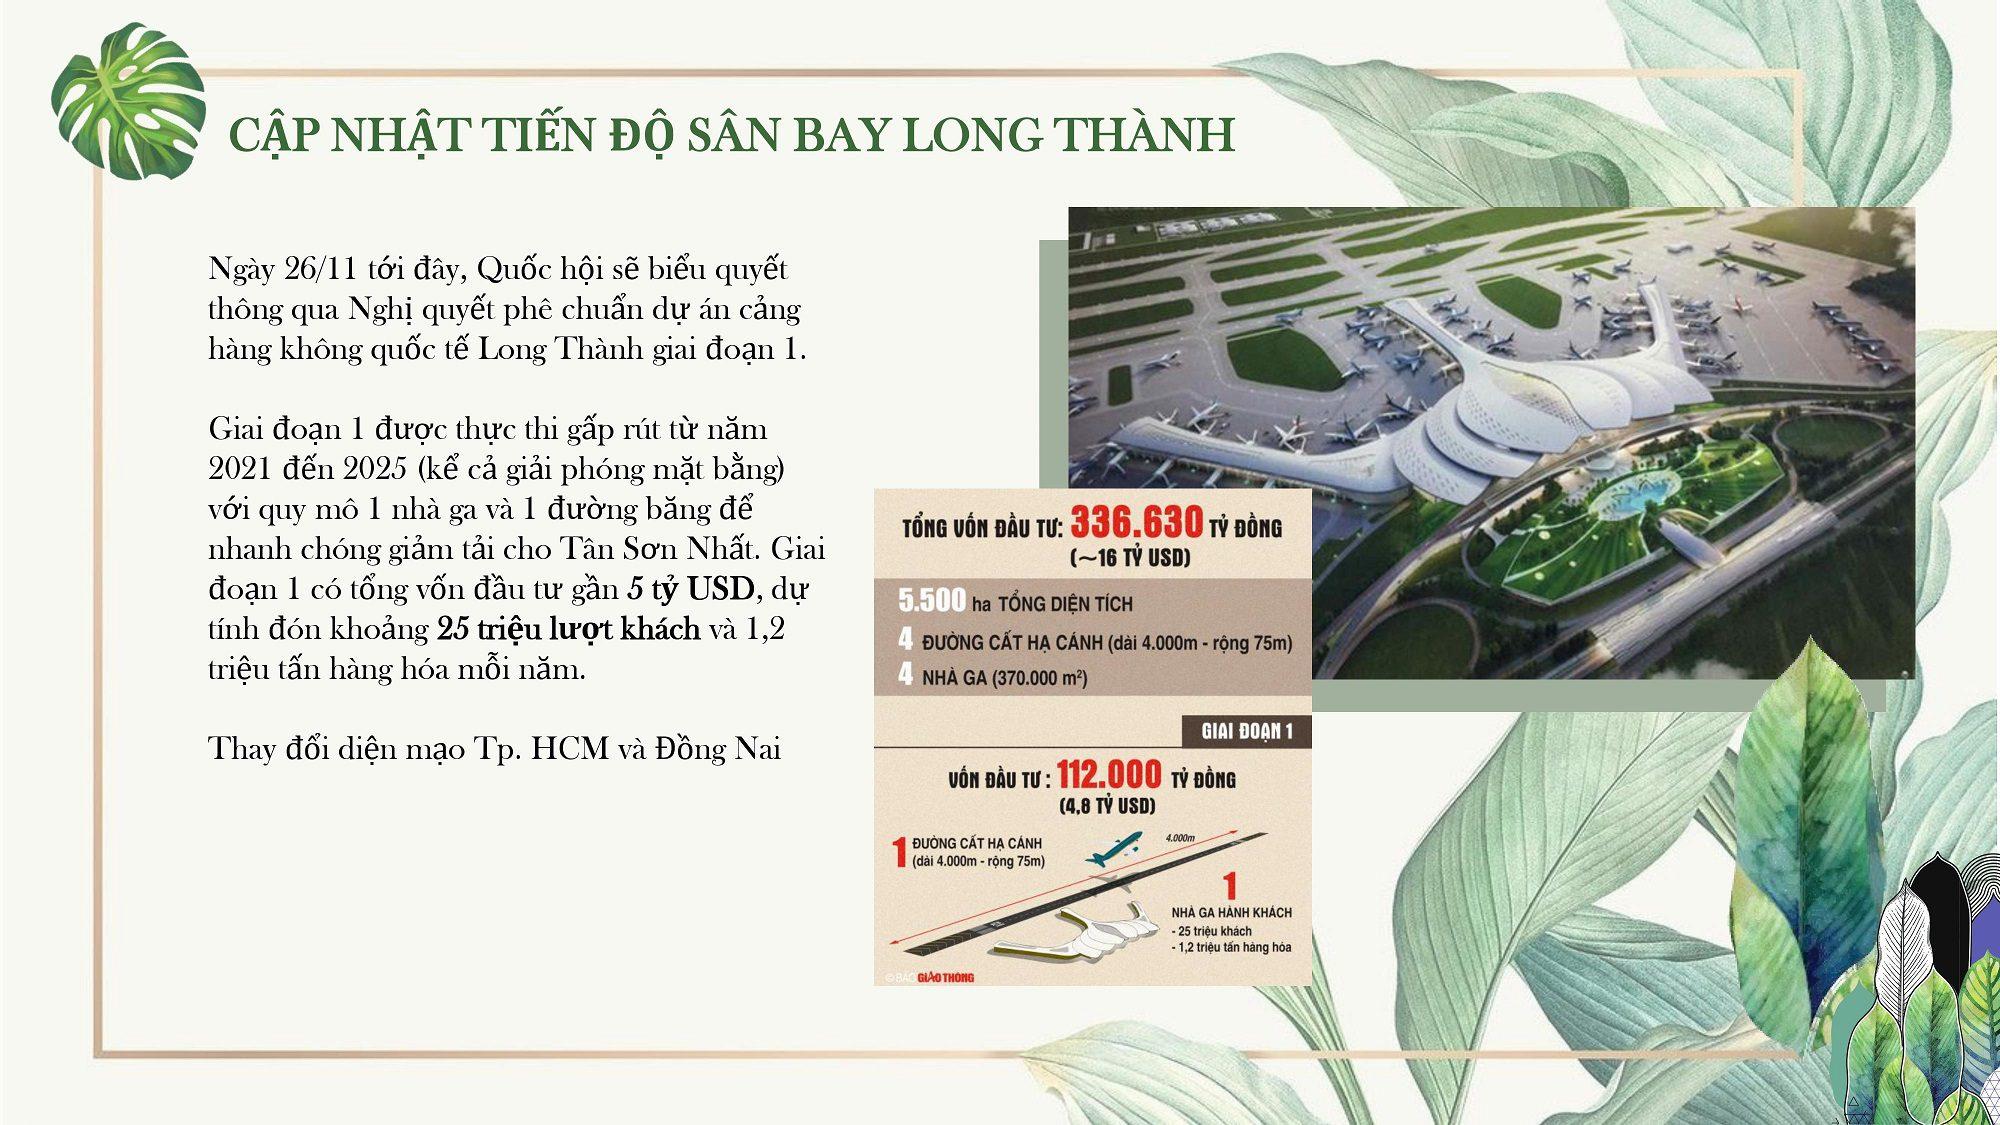 Tien Do Ha Tan San Bay Long Thanh